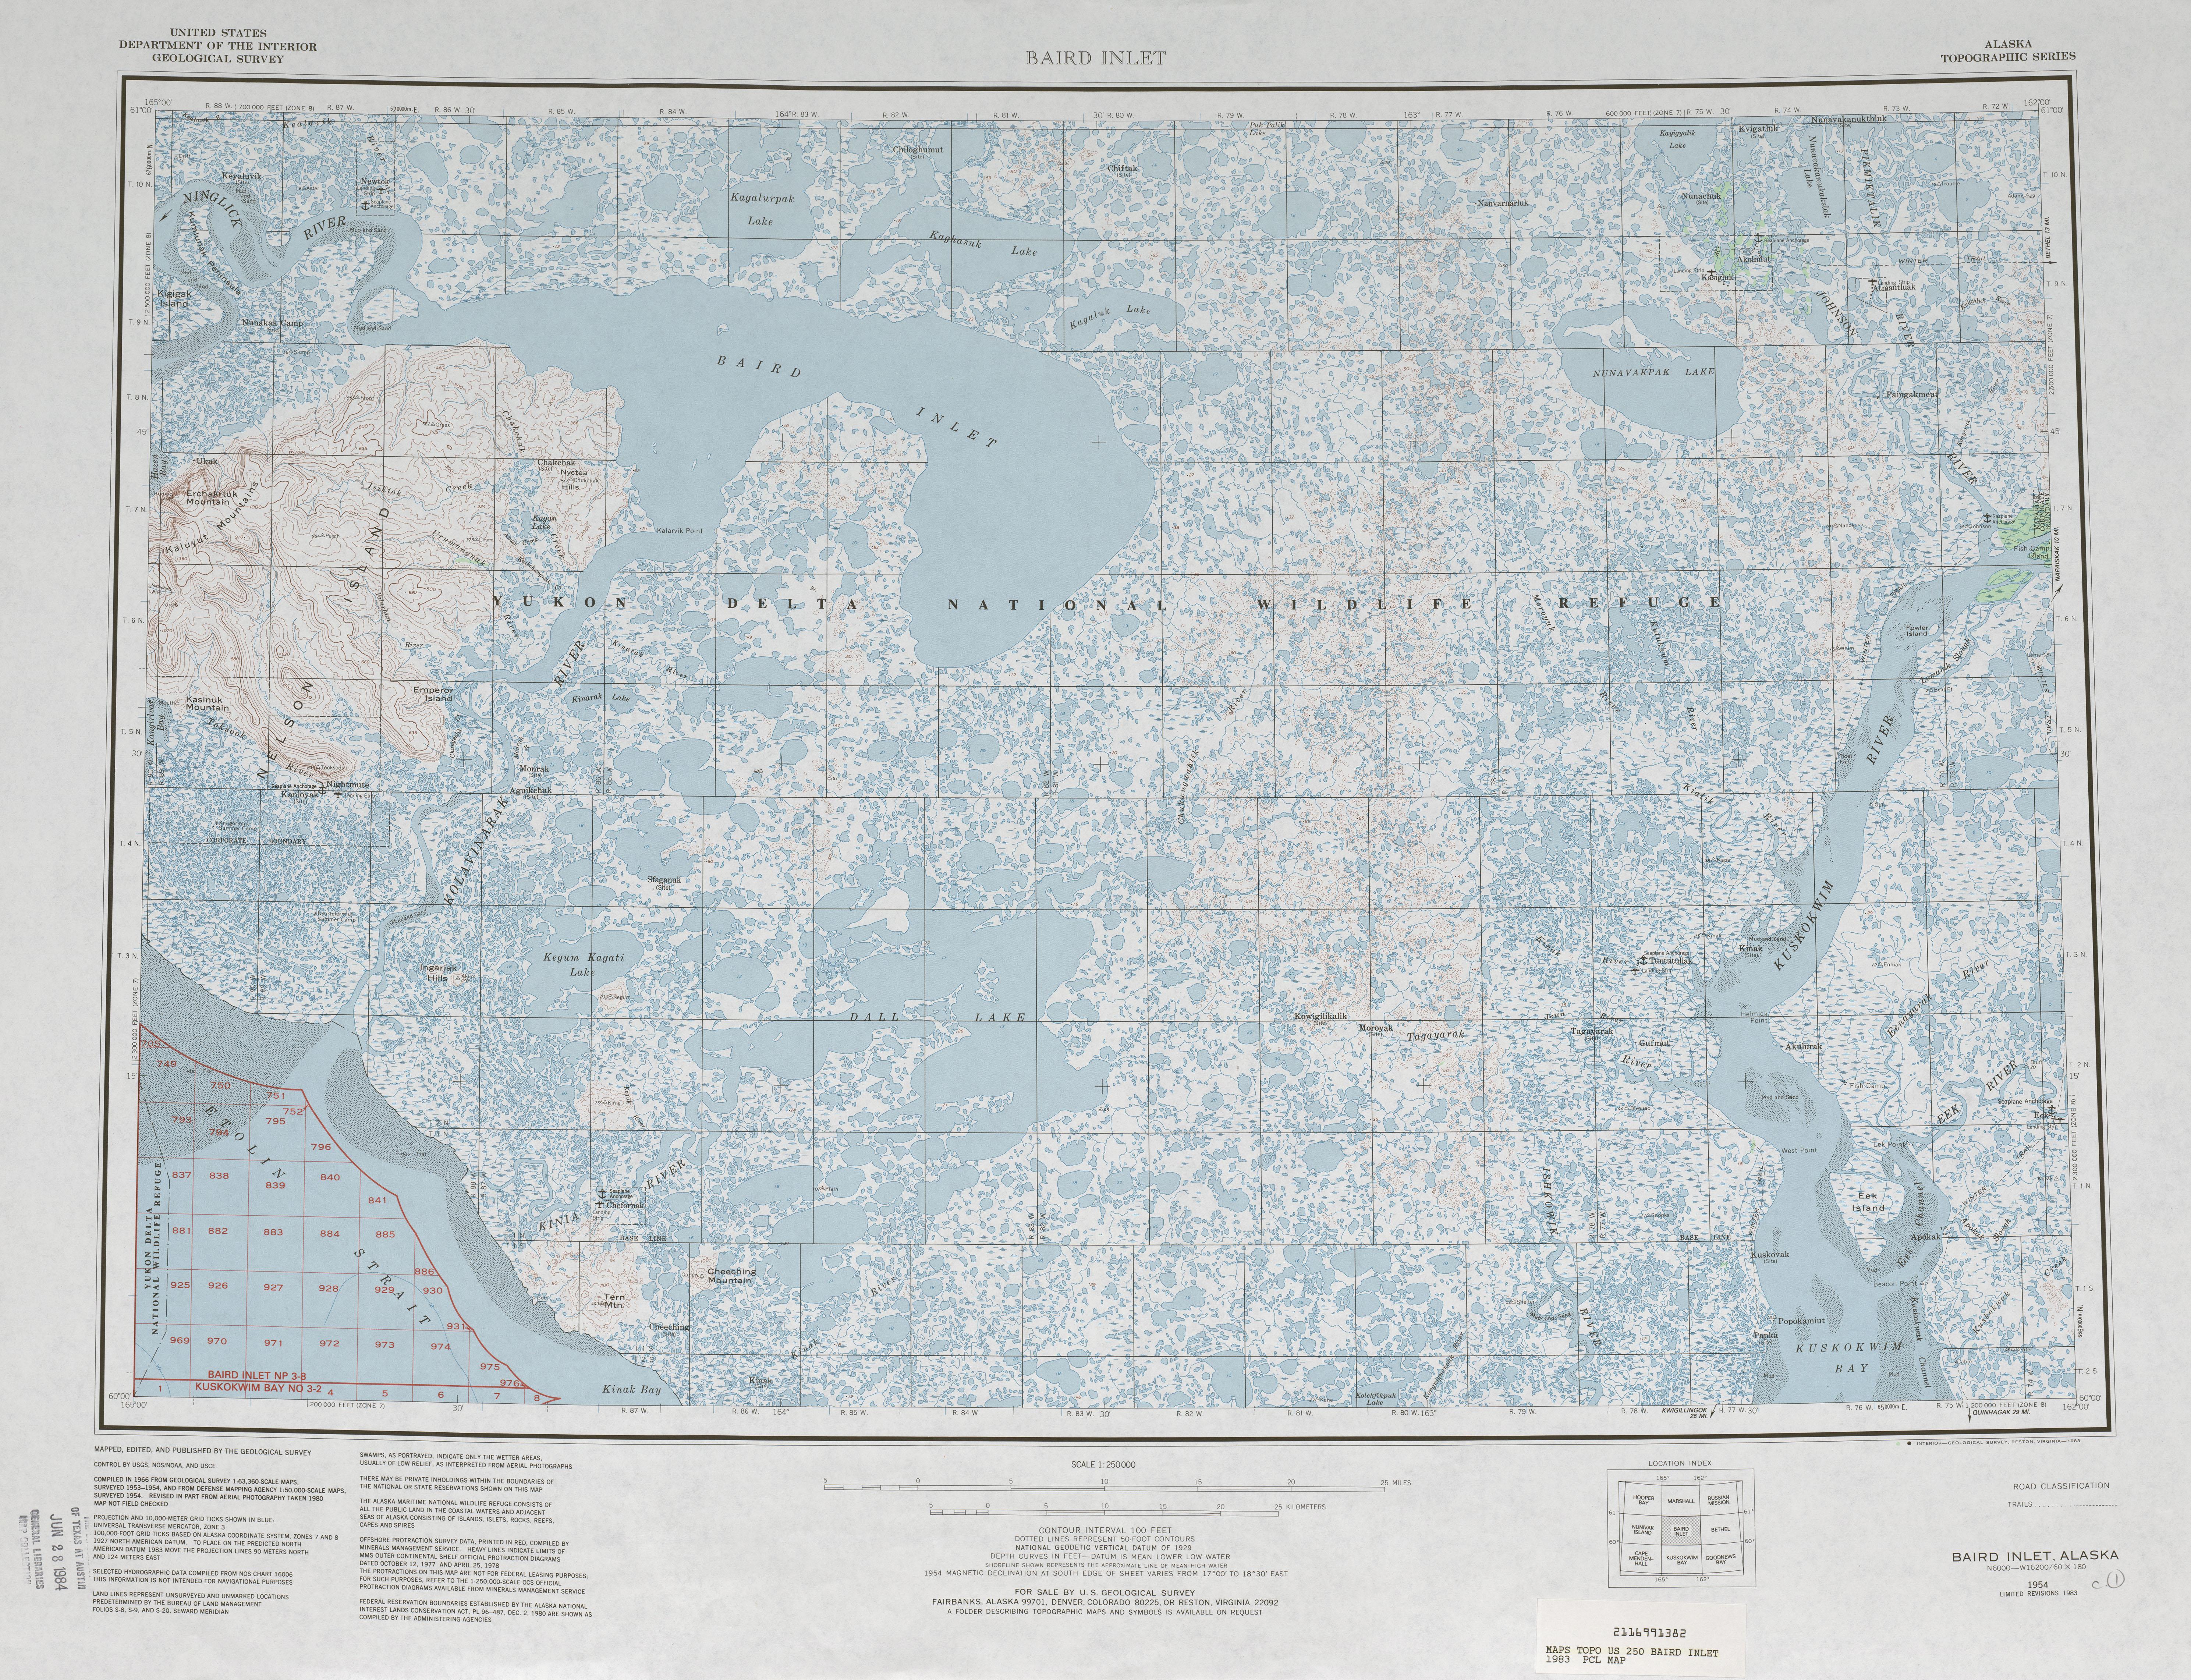 Hoja Baird Inlet del Mapa Topográfico de los Estados Unidos 1983